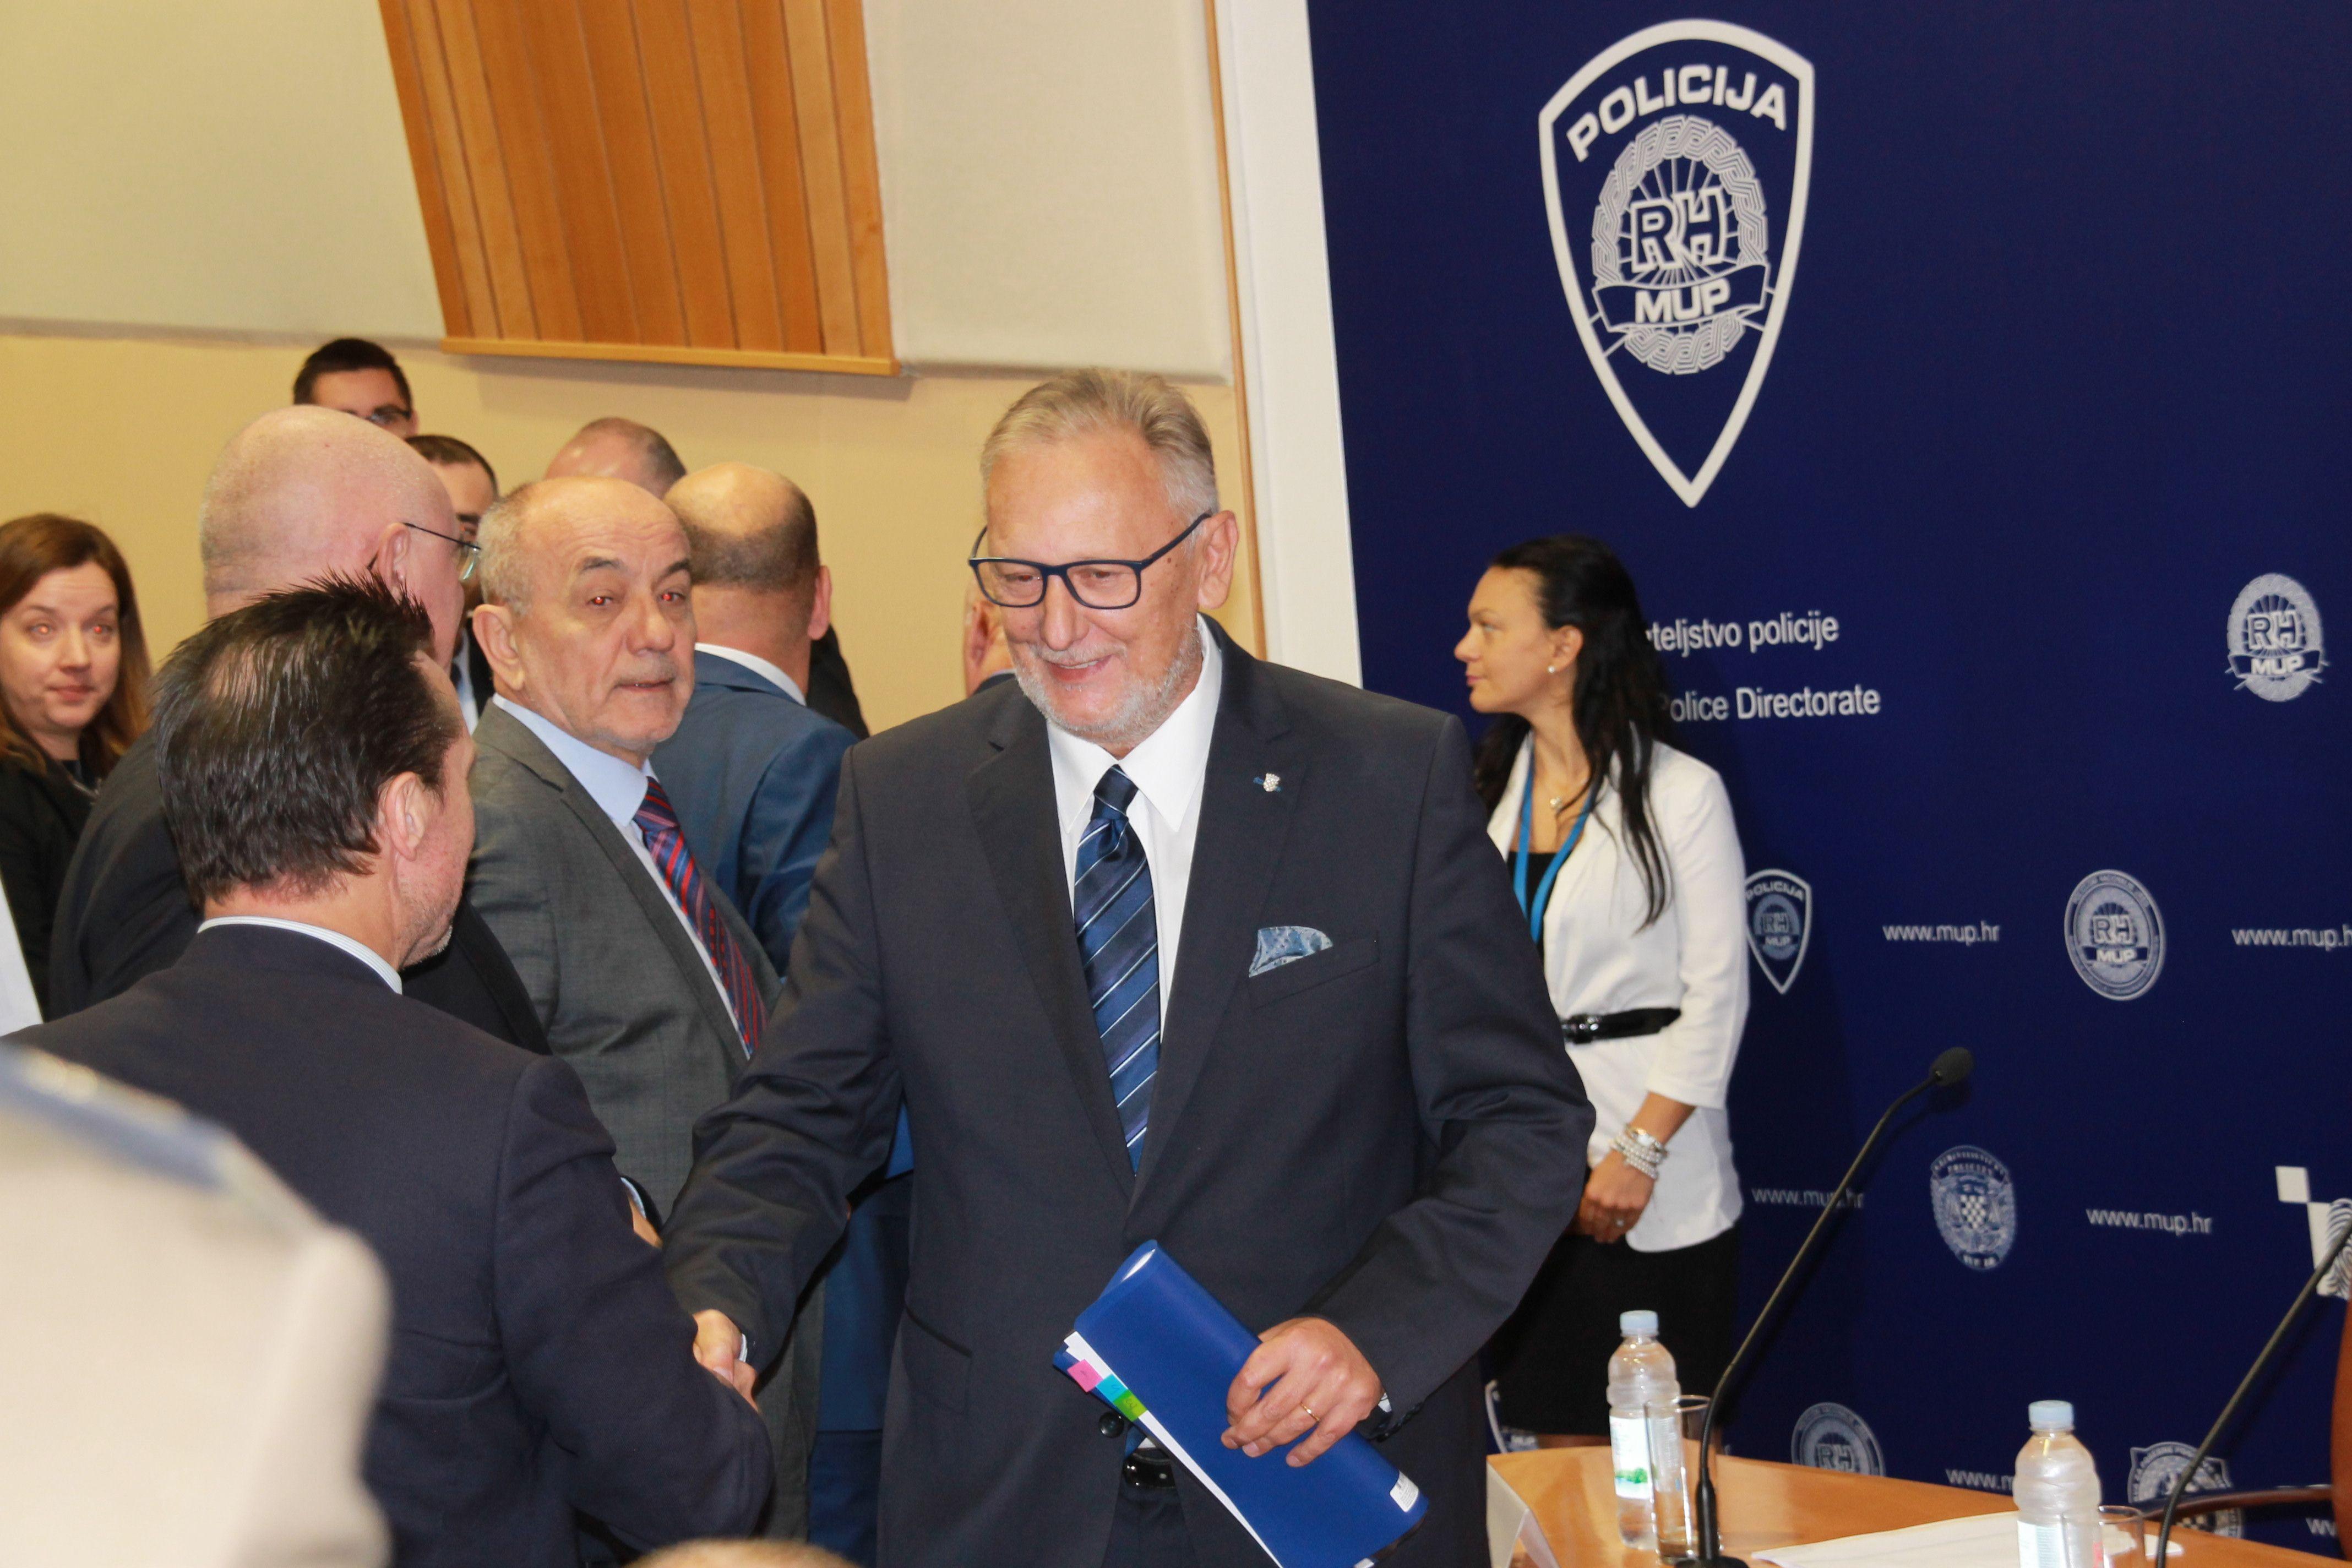 Božinović: Danas rasprava o zahtjevima HVIDR-e vezanim za Pupovca